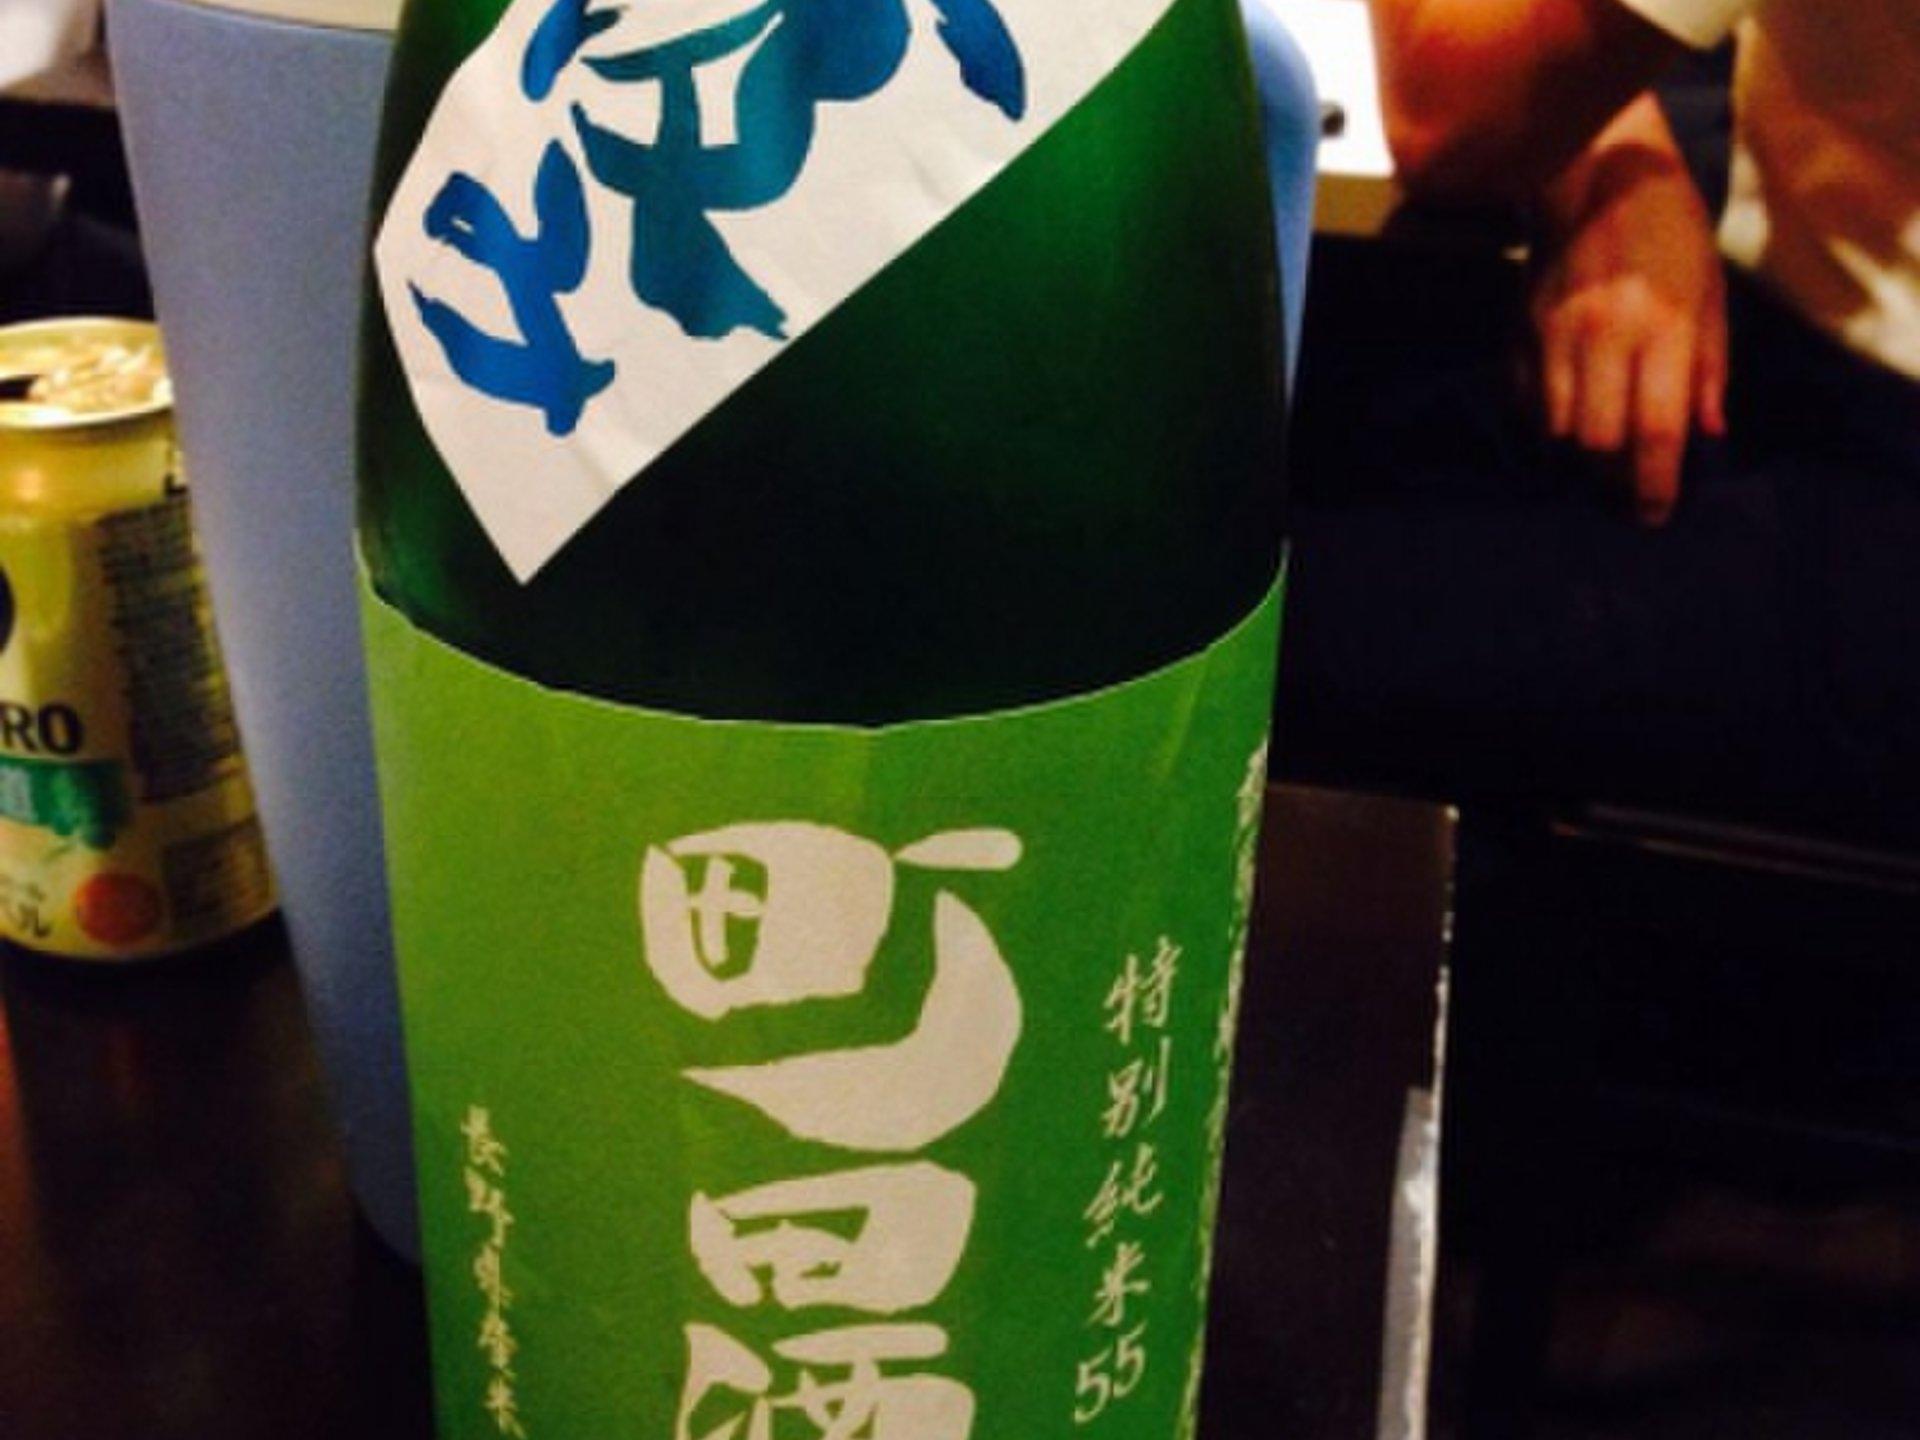 低価格で楽しめる日本酒の美味しい荒木町のお店!知る人ぞ知る飛騨の【非売品の酒】も飲める!?